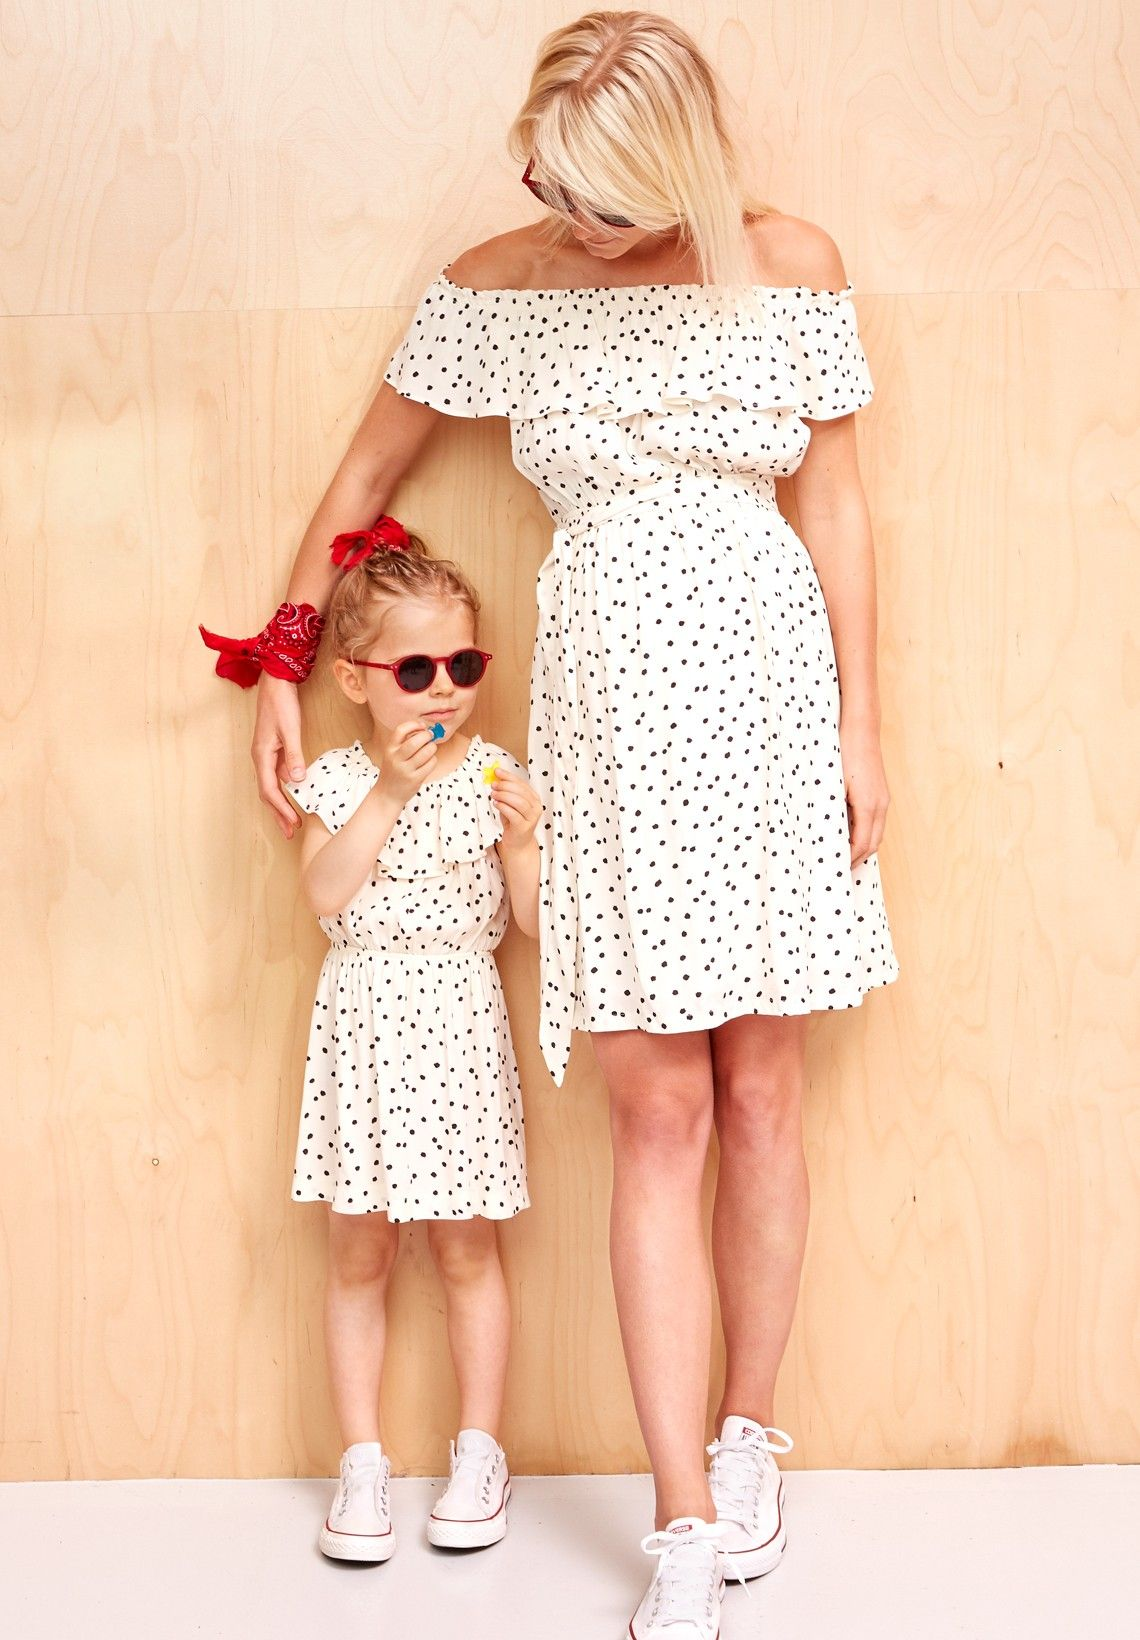 cb19bea848f6e Robe assortie mère/fille : Laure - Robe Maman - Envie de Fraise ...